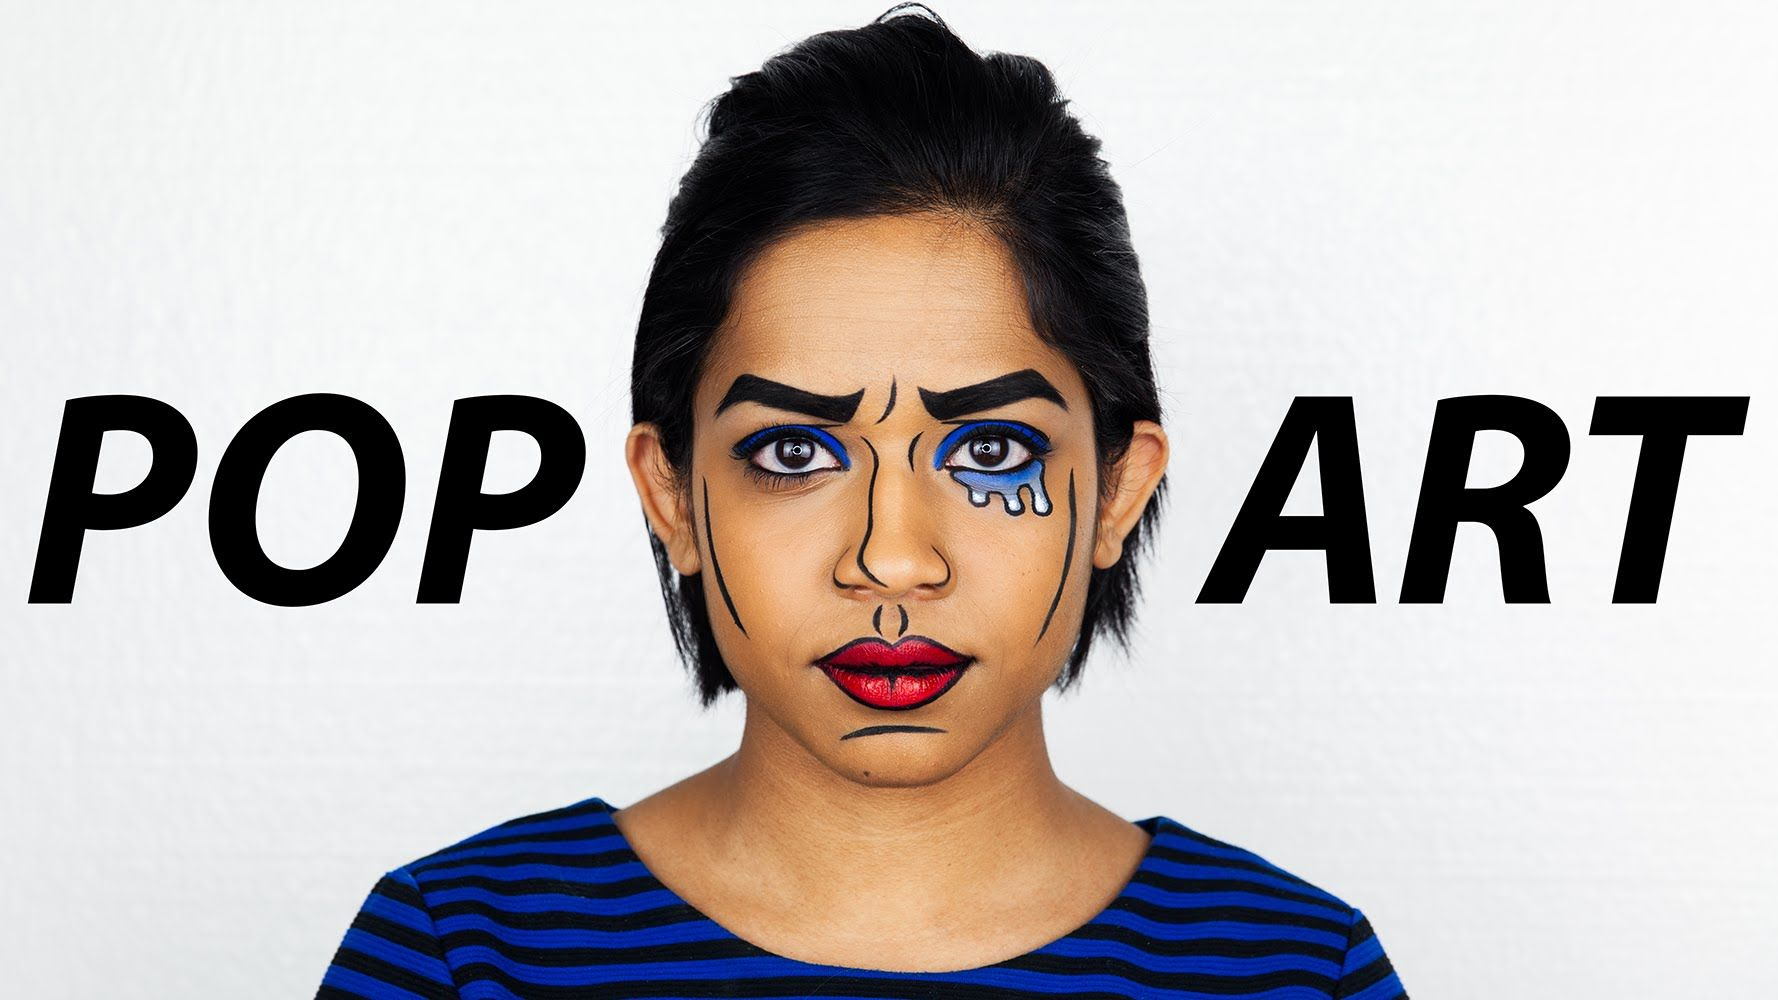 images?q=tbn:ANd9GcQh_l3eQ5xwiPy07kGEXjmjgmBKBRB7H2mRxCGhv1tFWg5c_mWT Ideas For Pop Art Filters @koolgadgetz.com.info